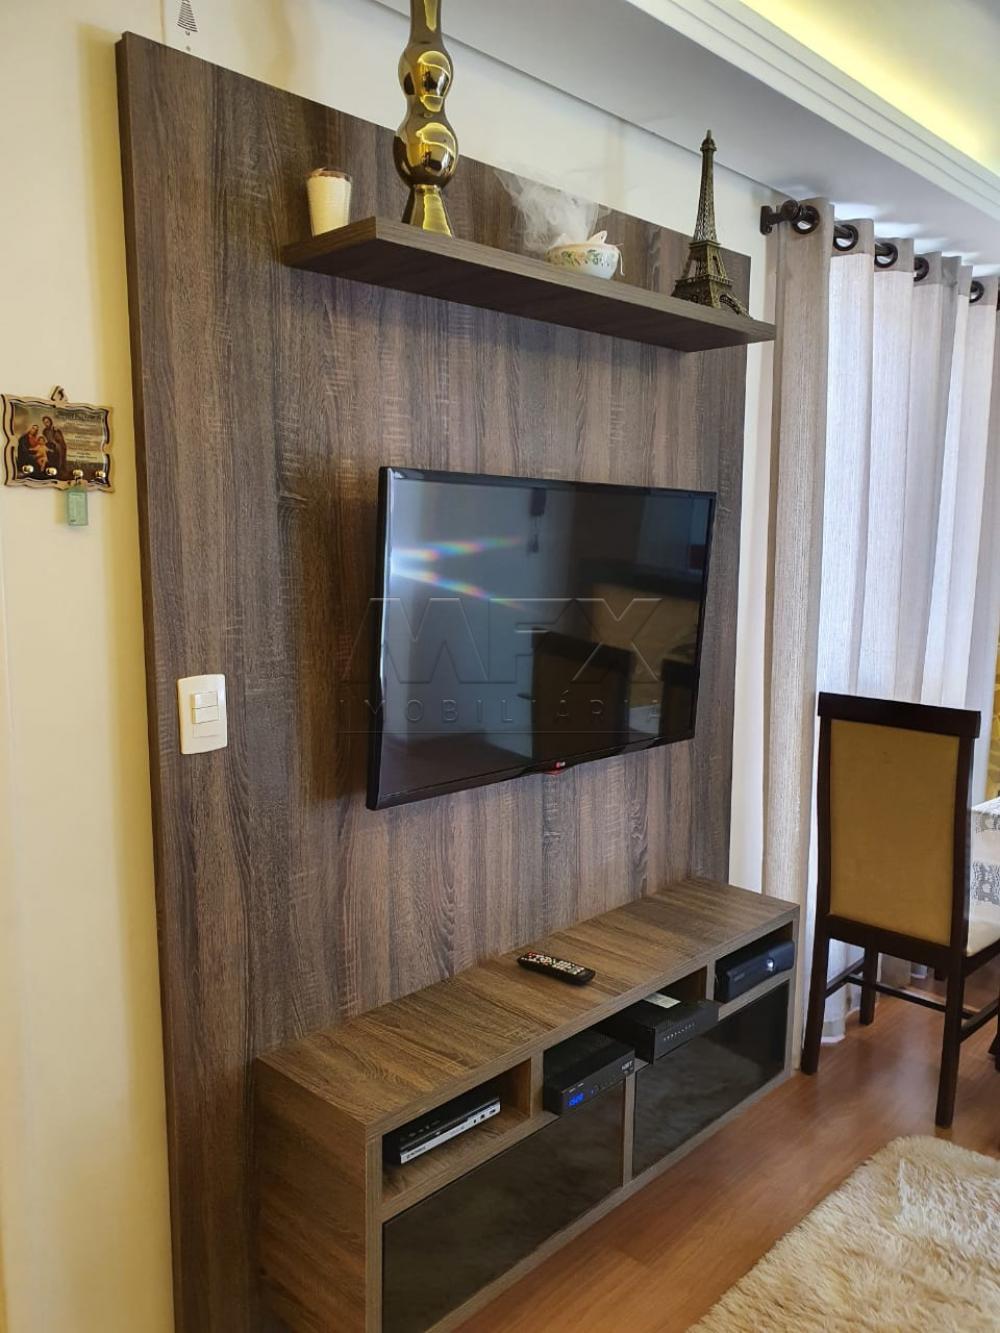 Alugar Apartamento / Padrão em Bauru R$ 900,00 - Foto 11